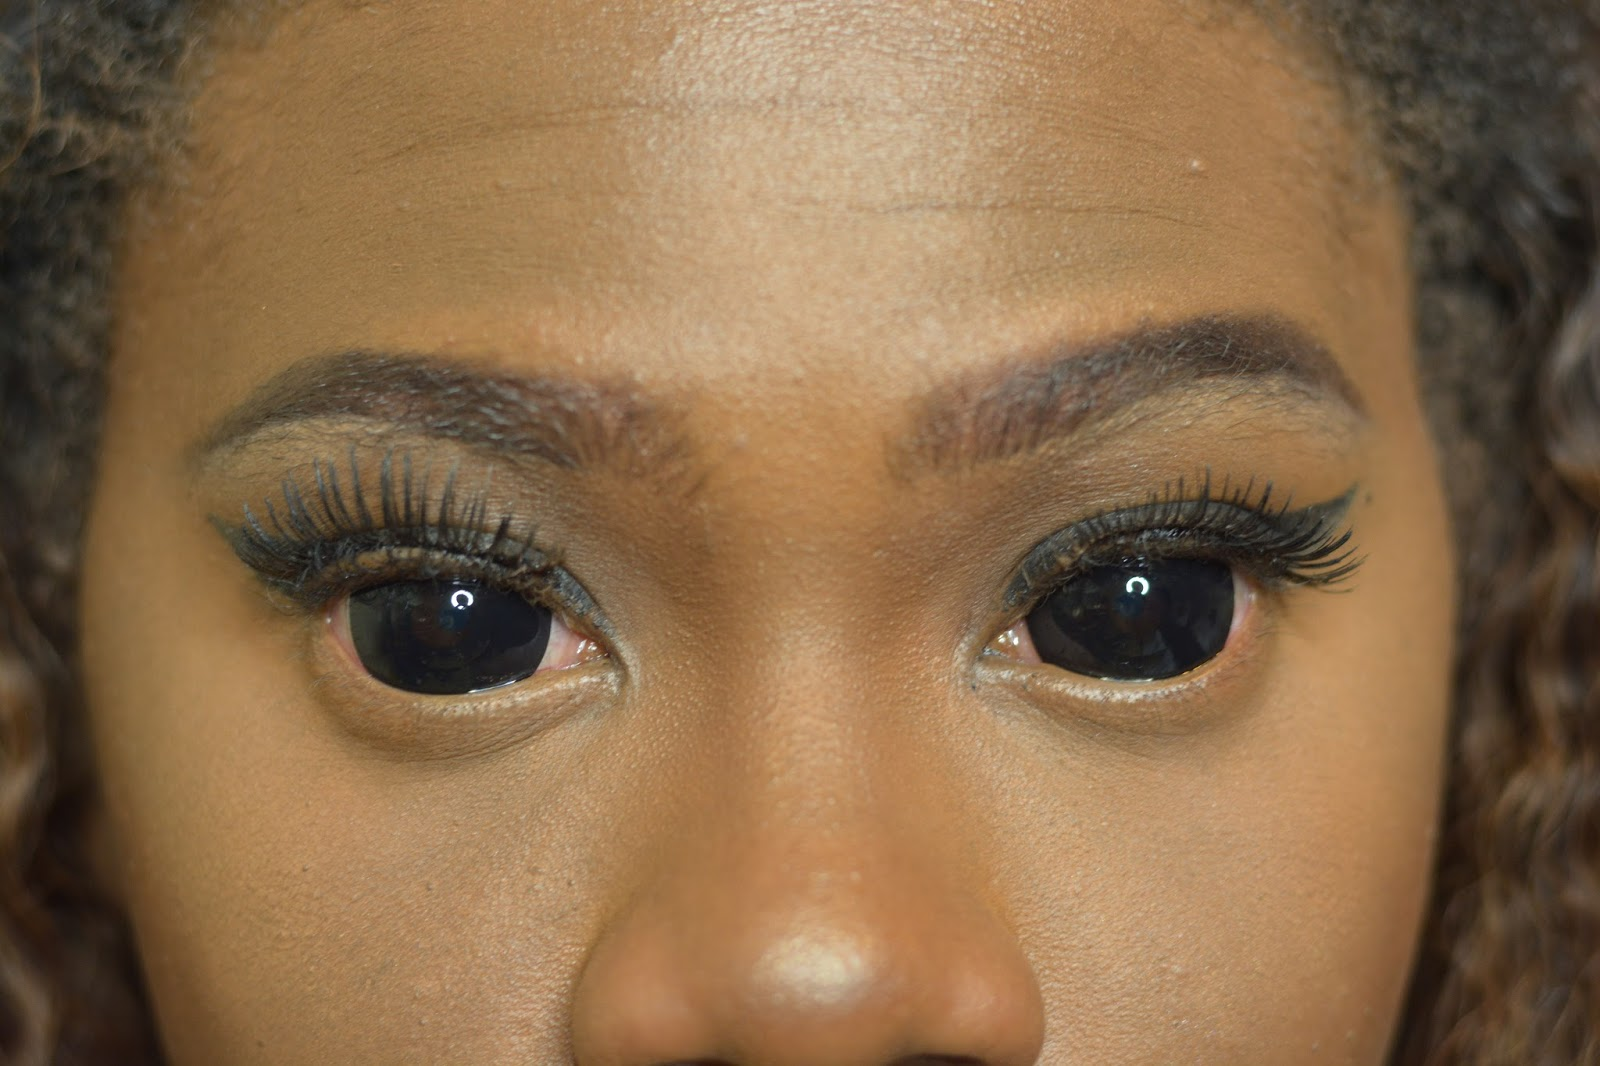 Black eye contact lenses opinion you